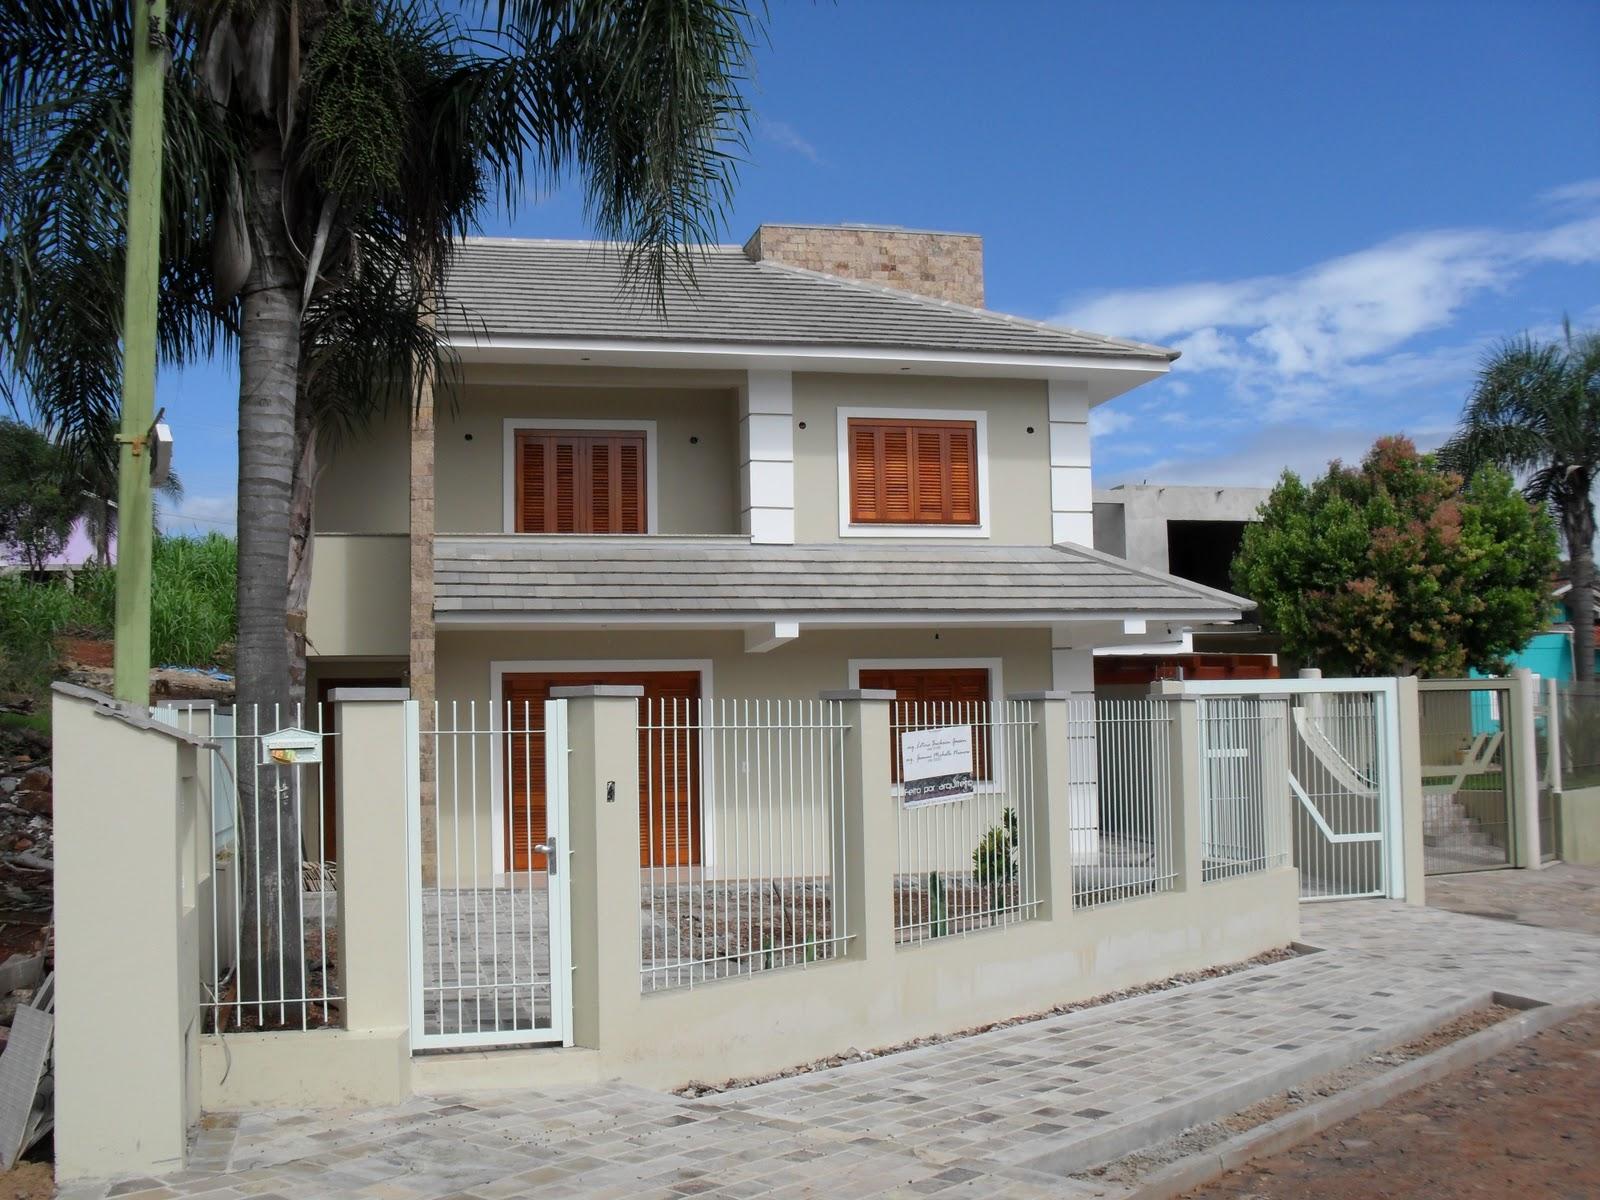 Top fachadas de casas en guatemala images for pinterest for Casas modernas guatemala